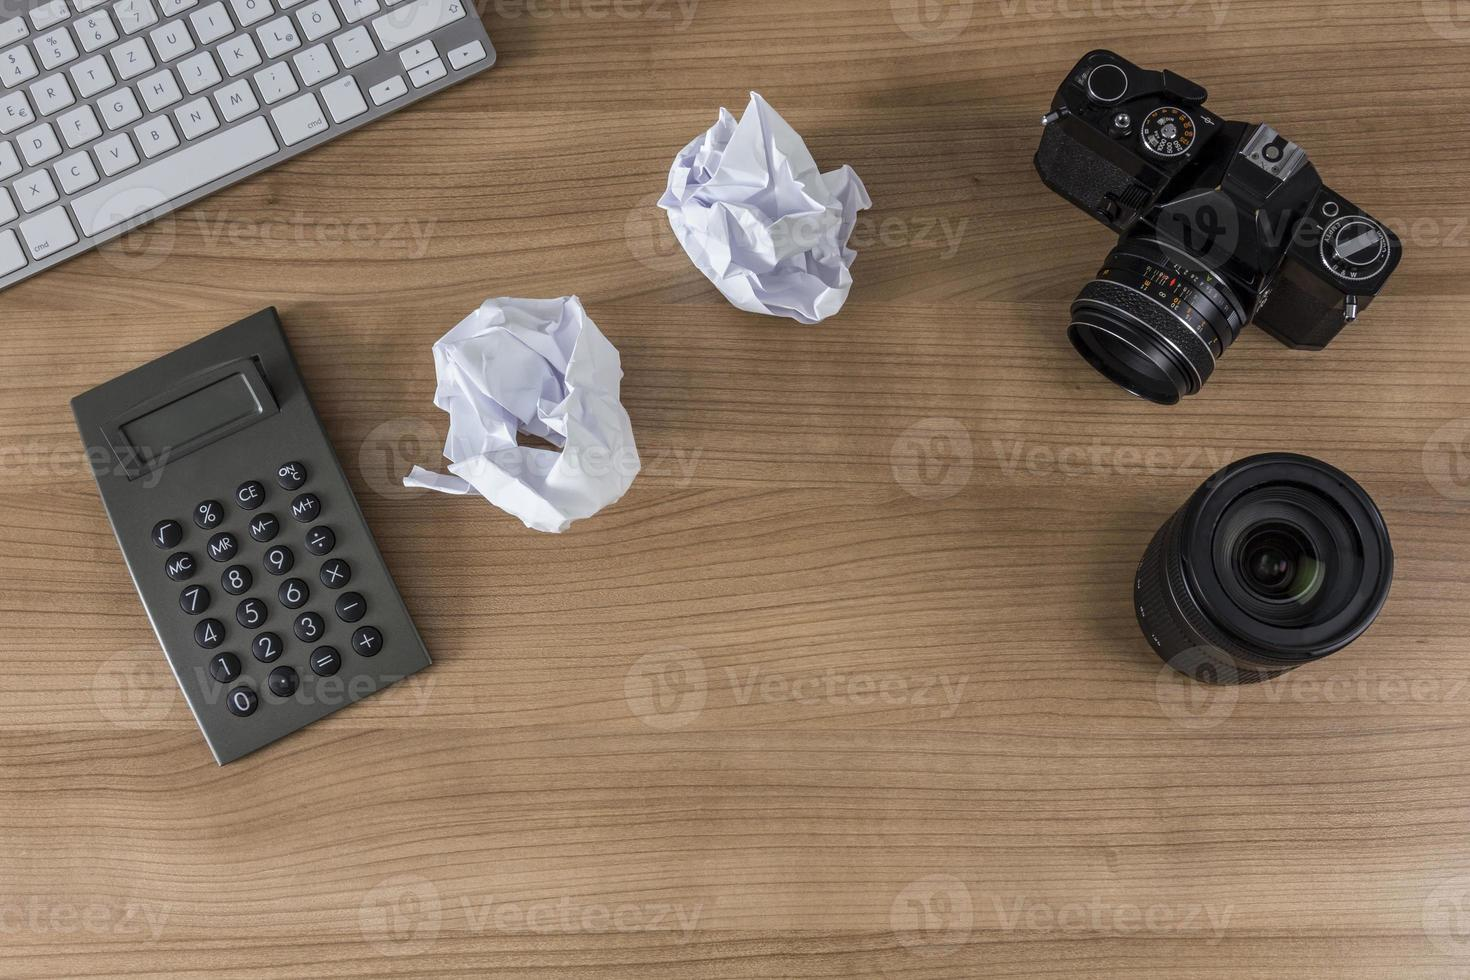 skrivbord med kameratangentbord och miniräknare foto